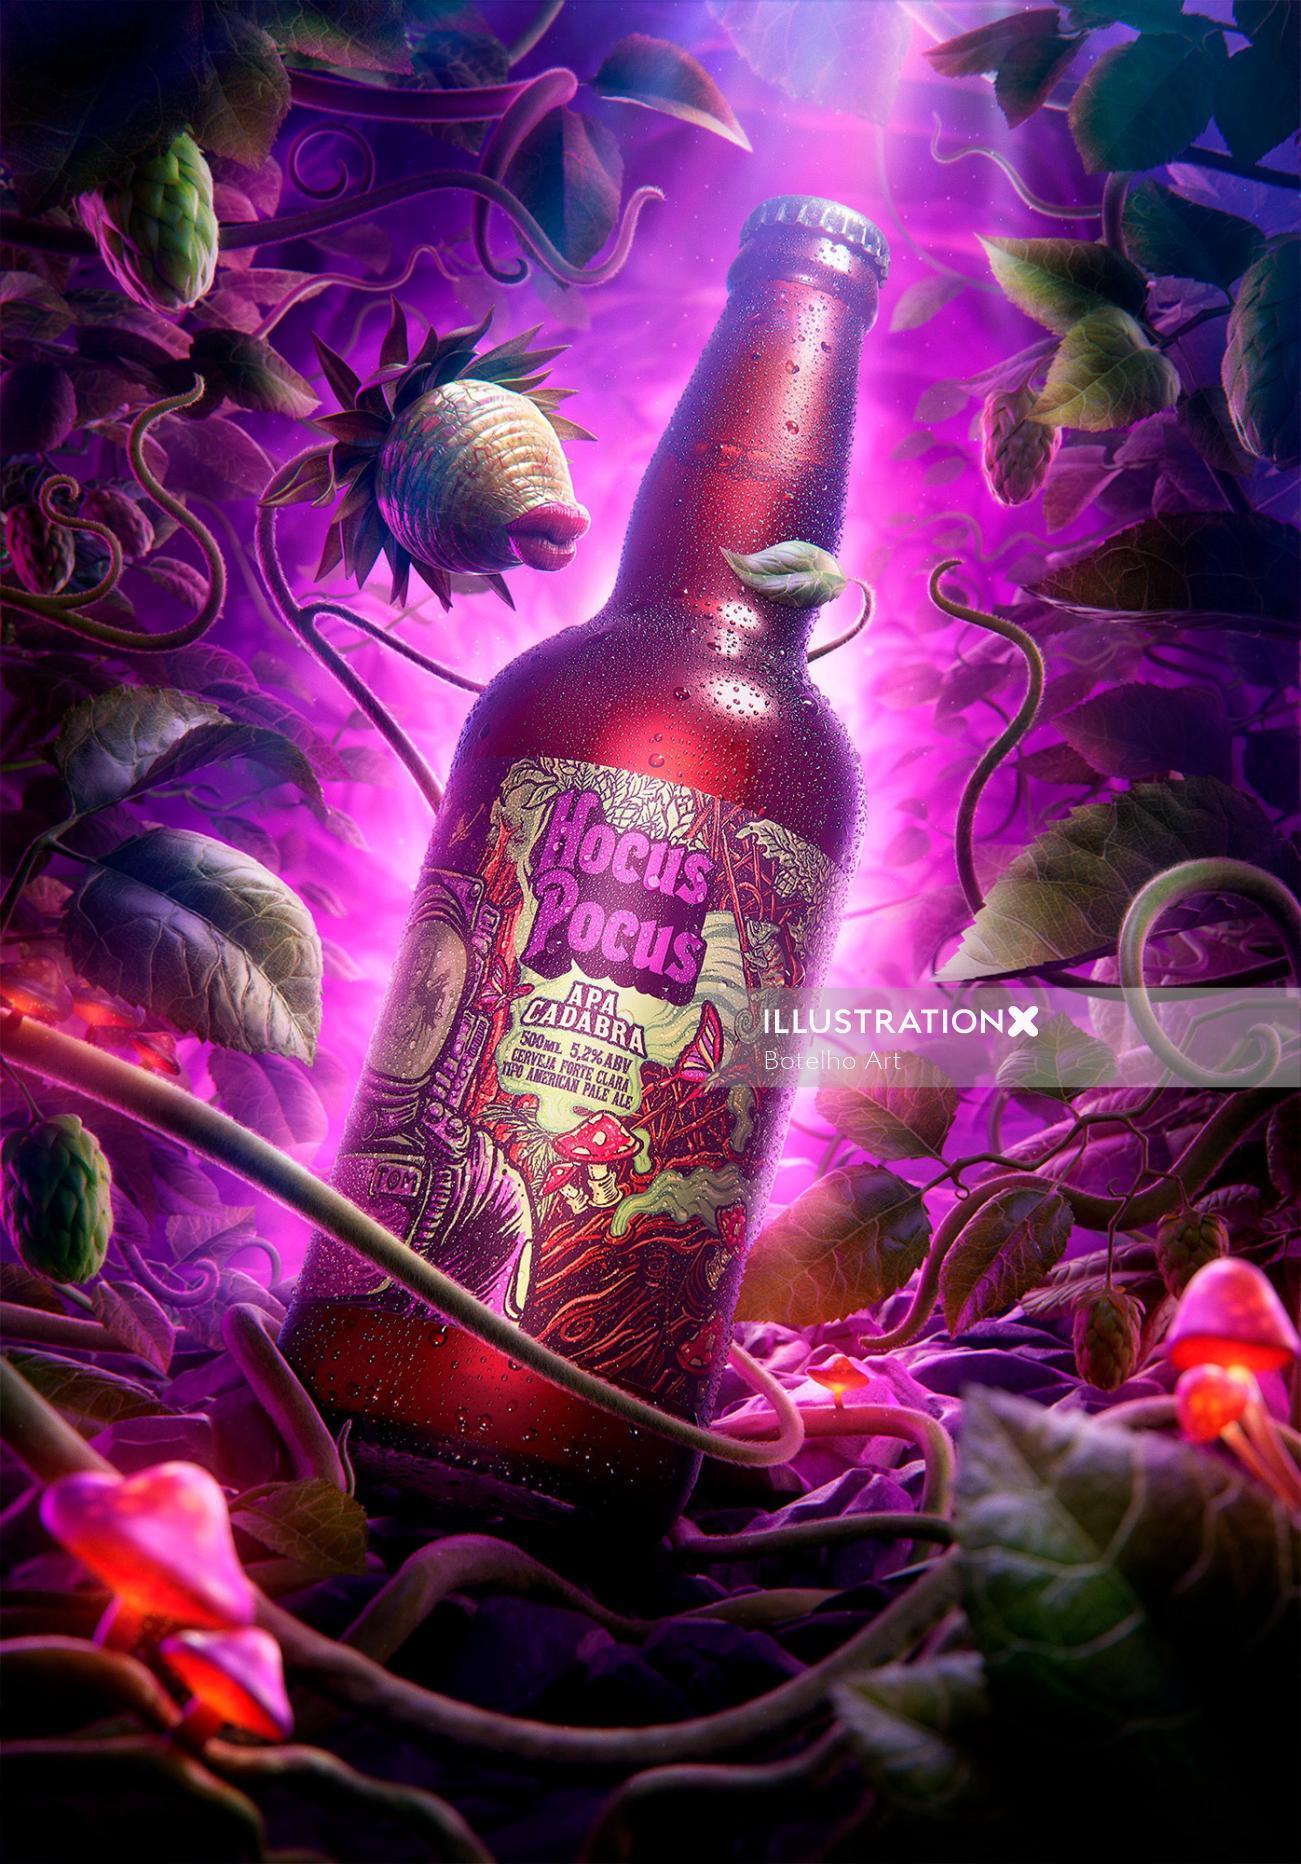 beer key visual